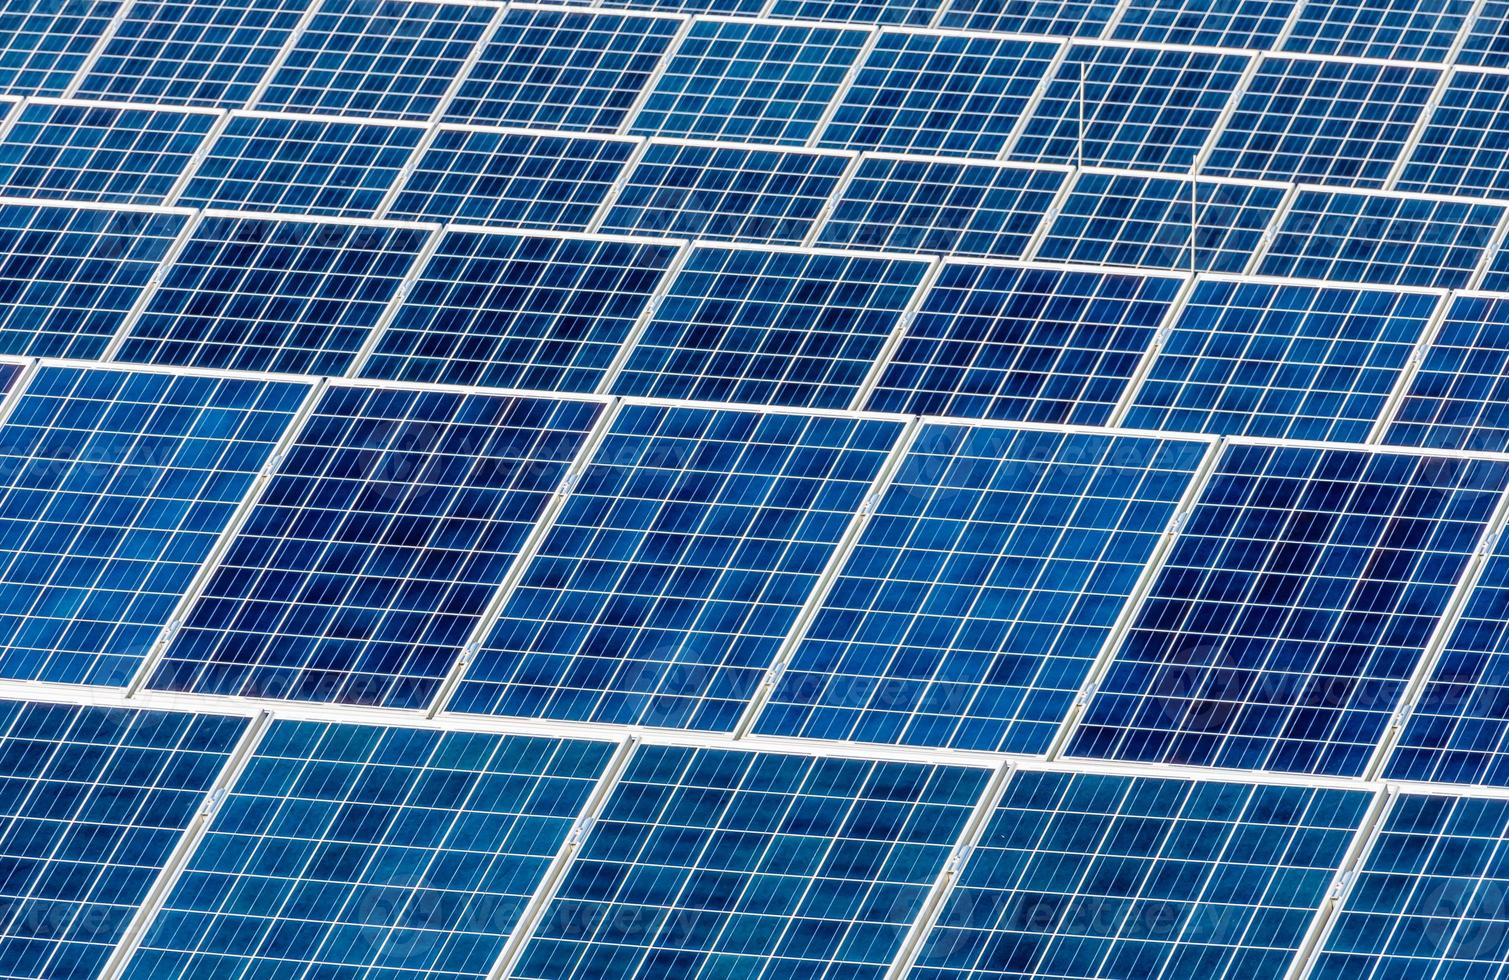 Solarkraftwerk foto